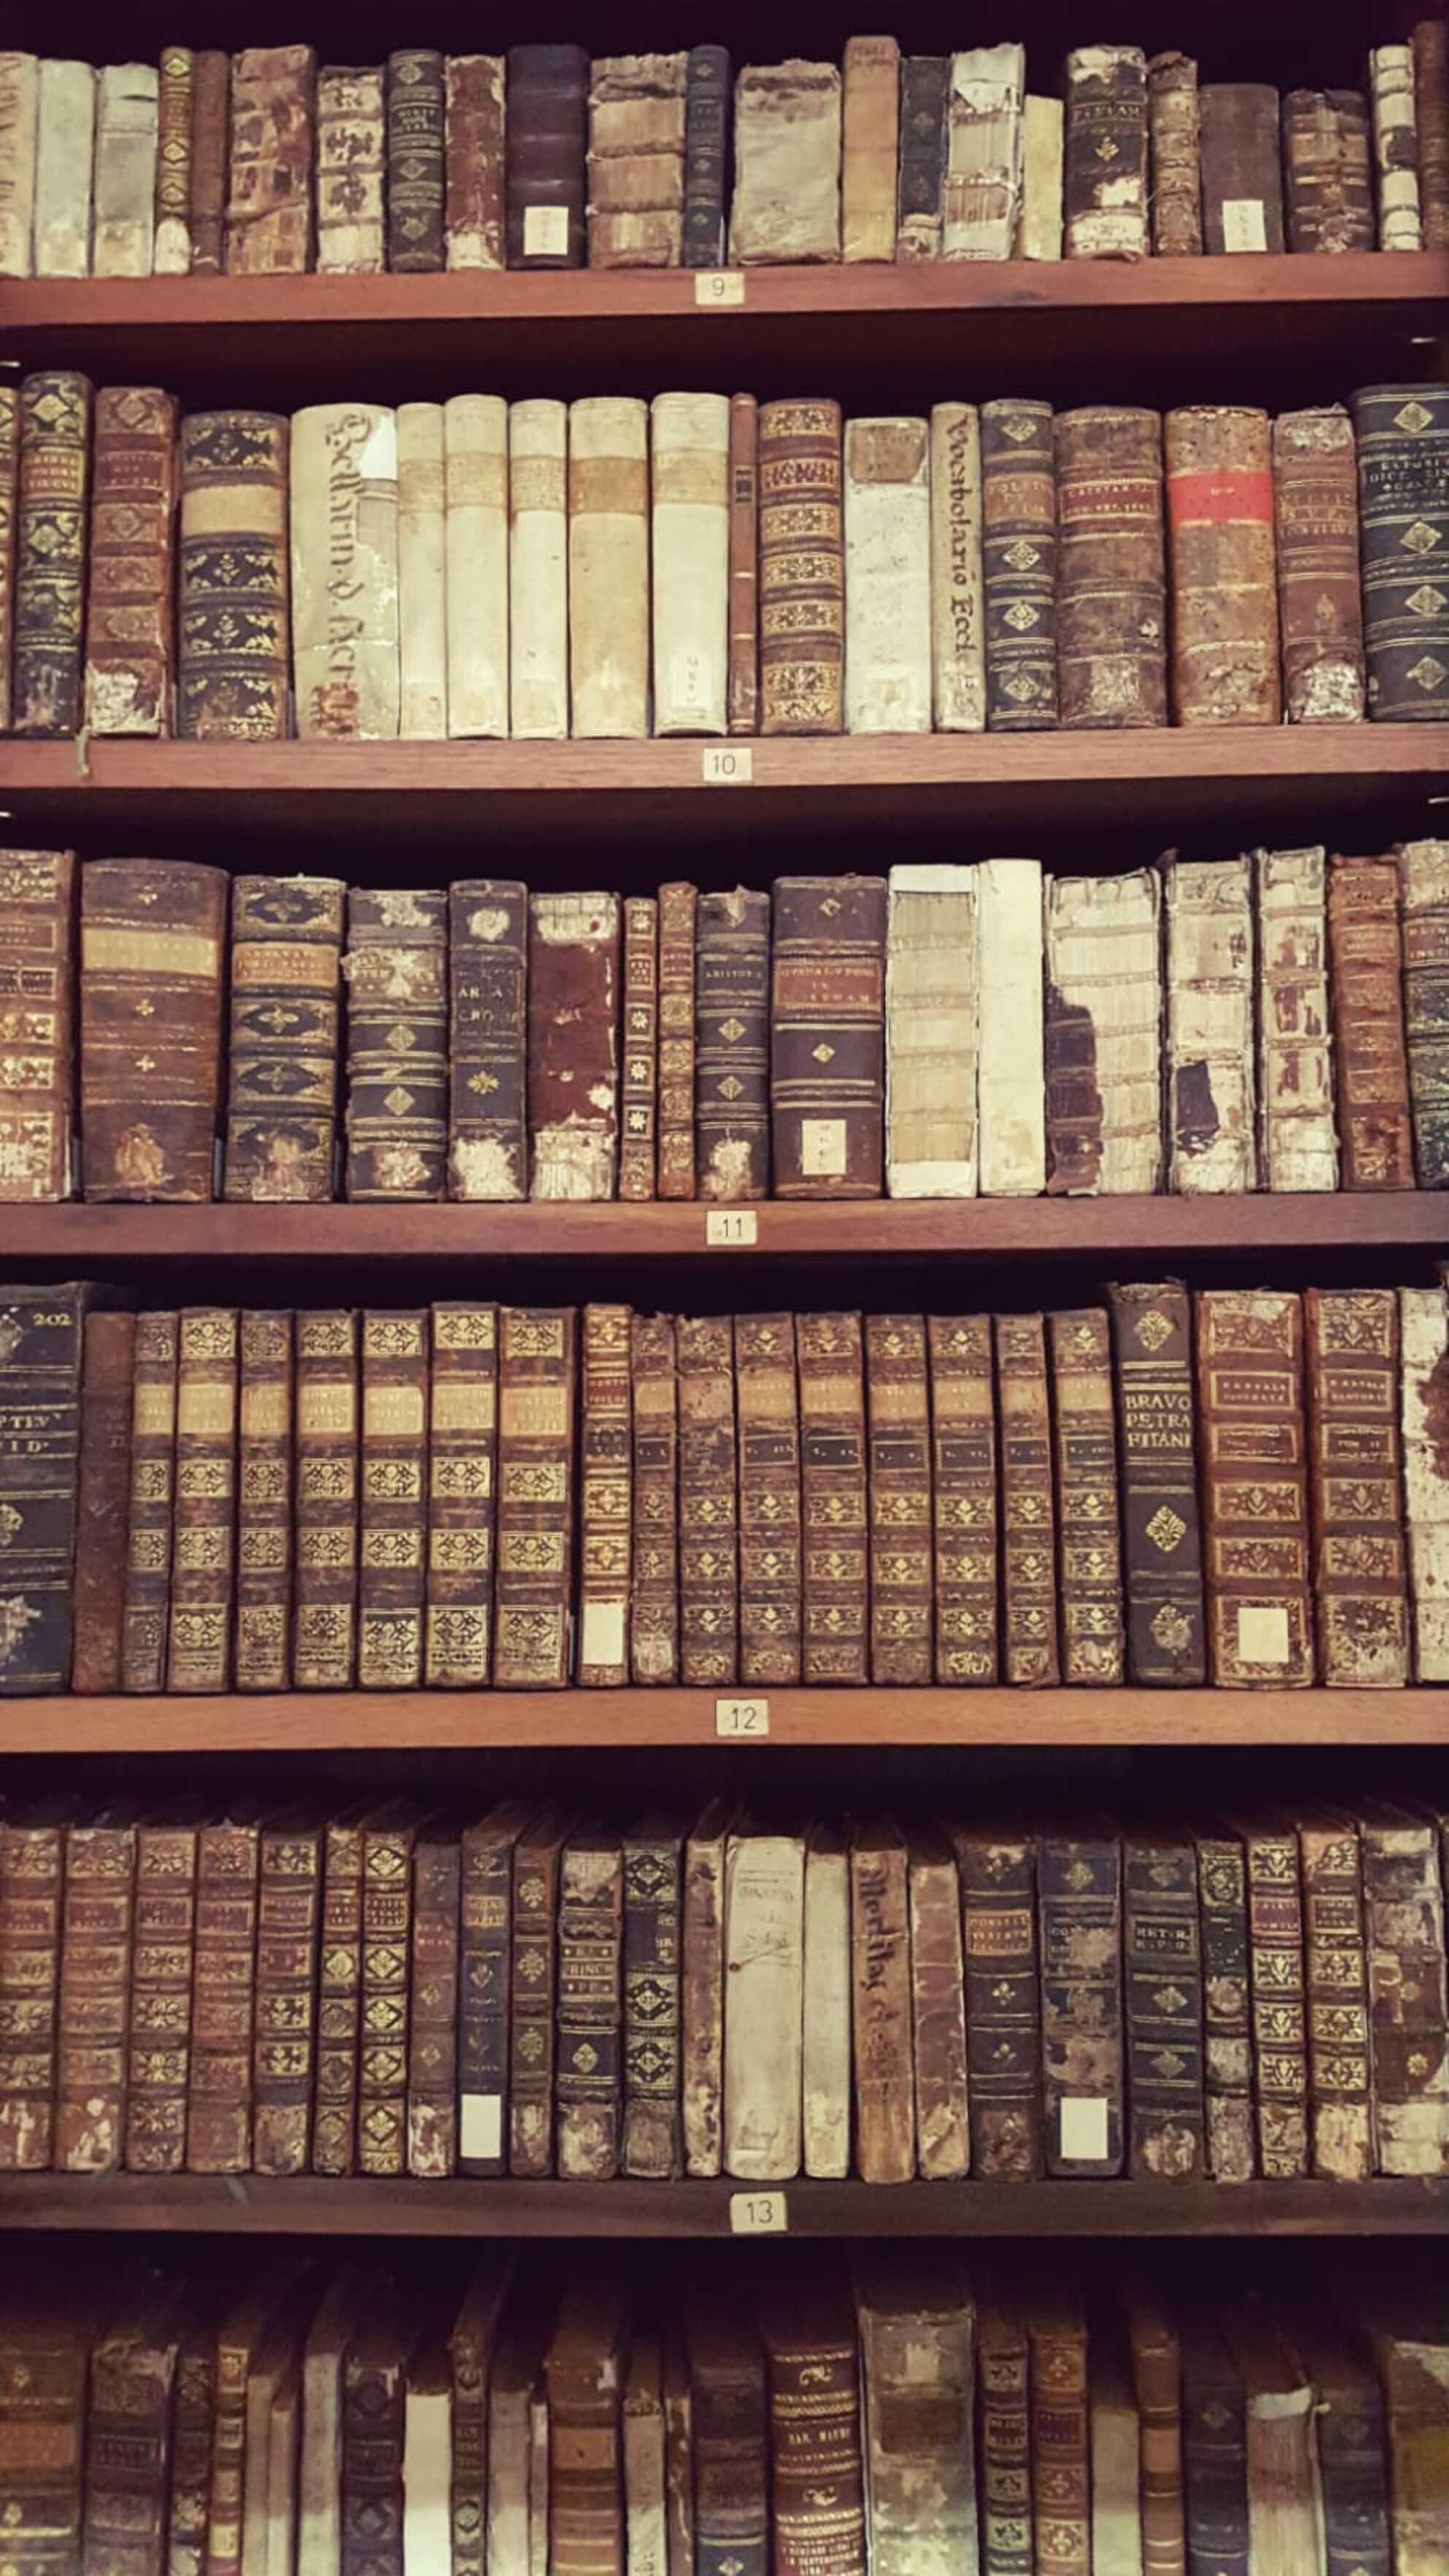 The old library - Oude boeken uit een grijs verleden - foto door Bianca-101 op 03-08-2019 - deze foto bevat: bewerkt, bewerking, nostalgie, cultuur, boeken, creatief, filter, boekenkast - Deze foto mag gebruikt worden in een Zoom.nl publicatie